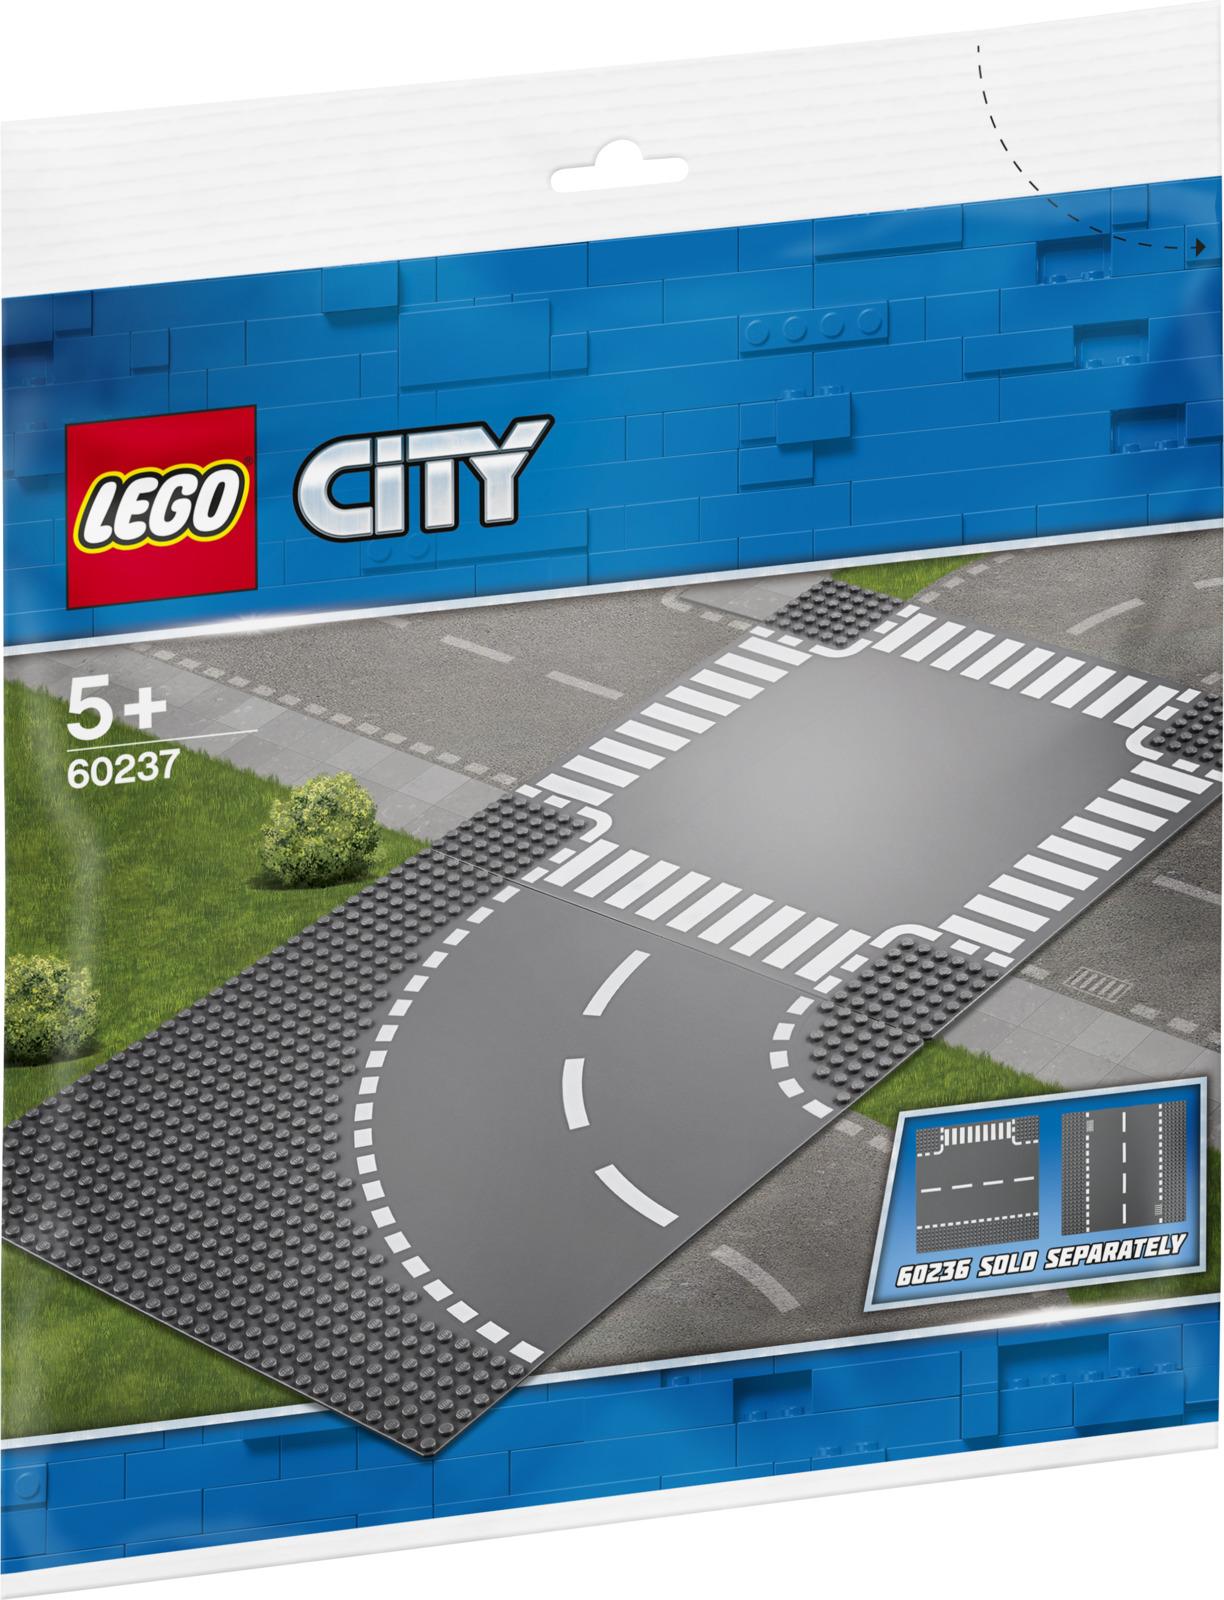 Конструктор LEGO City Supplementary Поворот и перекресток, 6023760237Добавляй в наборы города LEGO City пластины поворотов и перекрестков! Присоединяй секции к уже существующим дорогам, выбери один из своих семейных автомобилей или грузовиков и отправляйся в новое захватывающее путешествие по городу LEGO City!